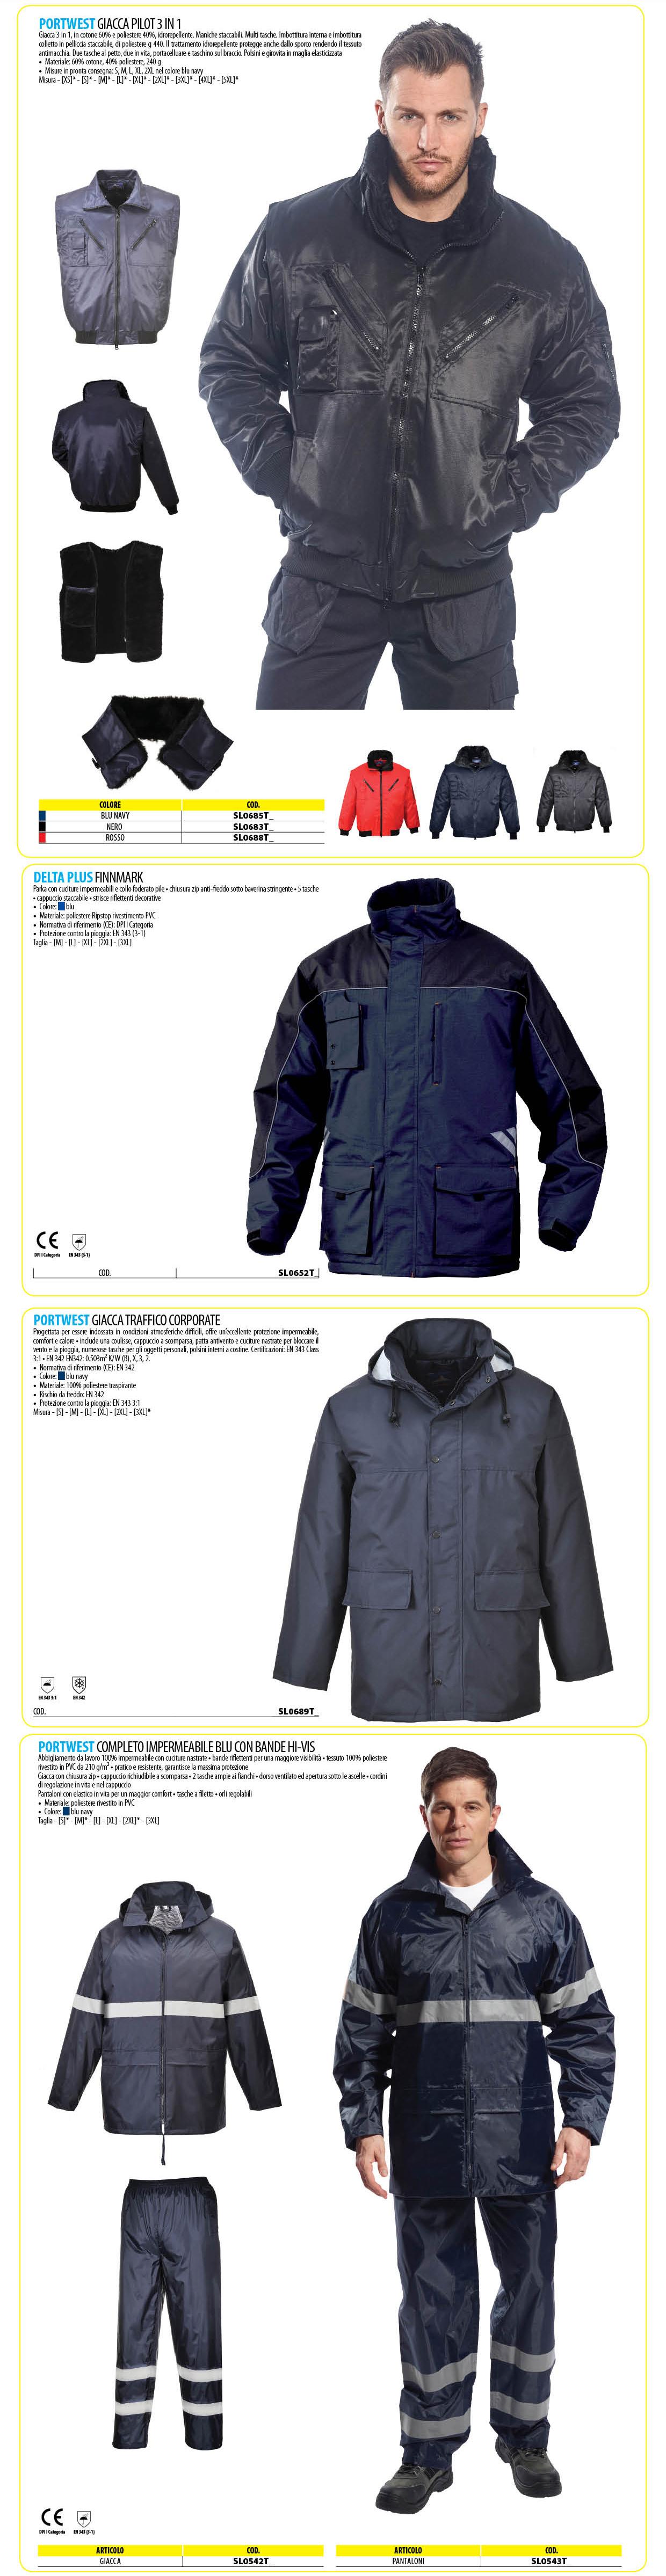 abbigliamento invernale eora1